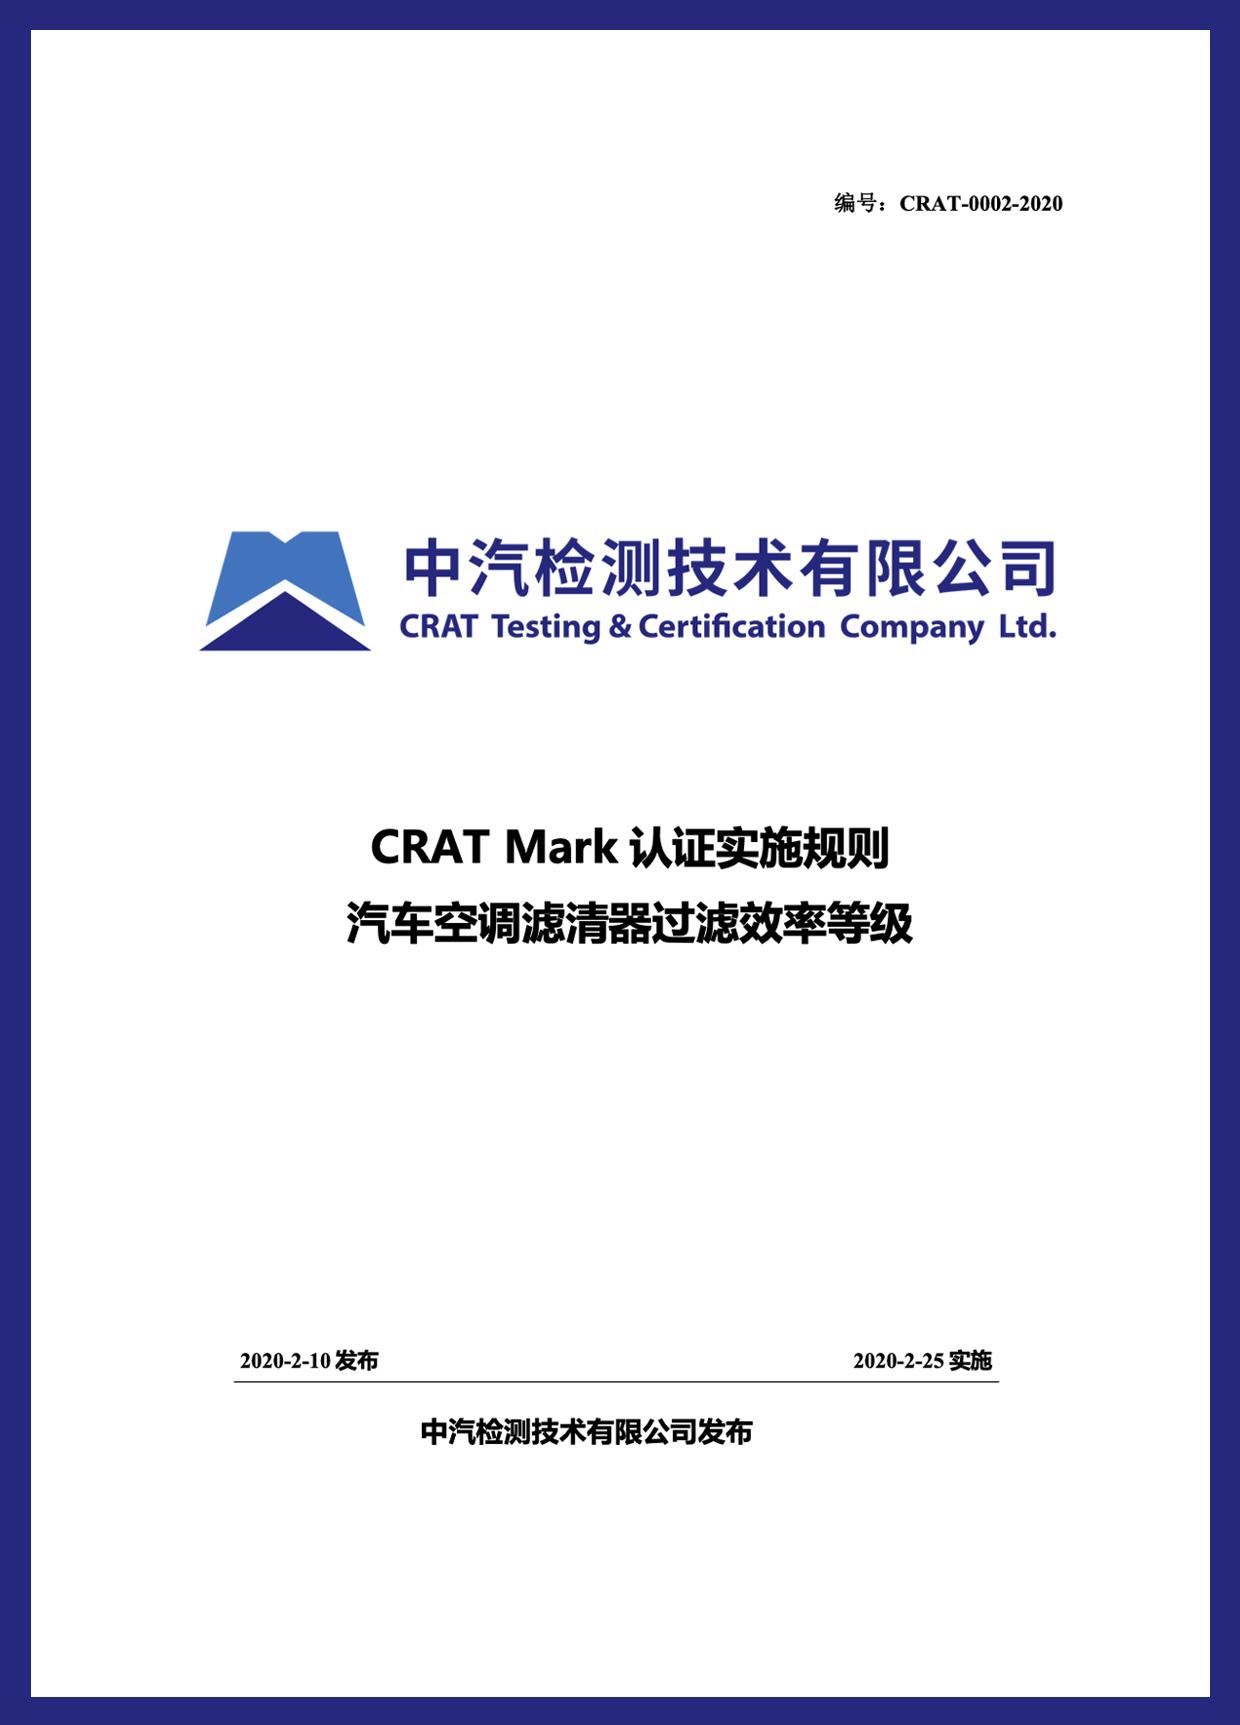 CRAT Mark认证 - 汽车滤清器过...